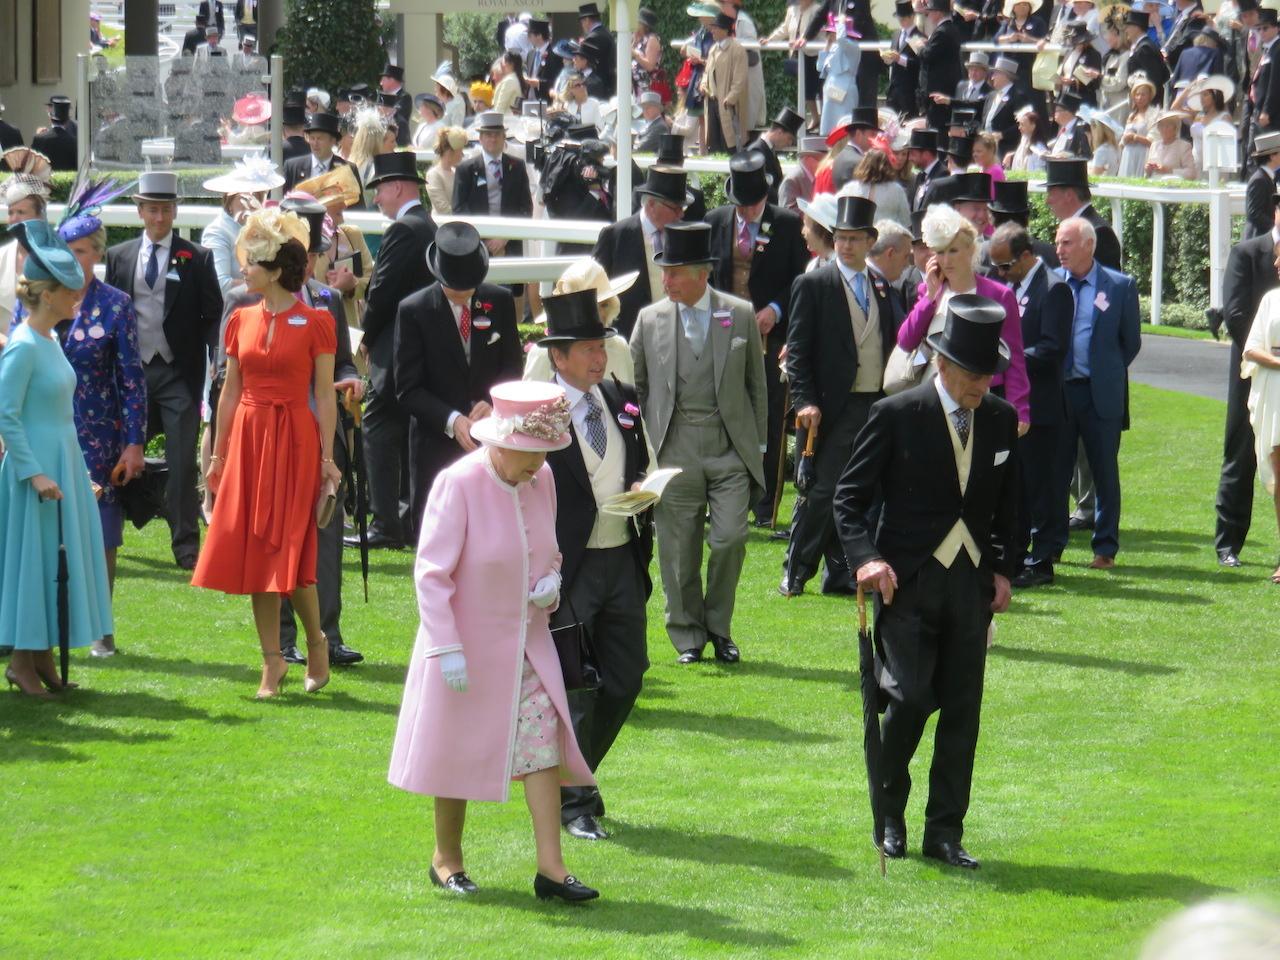 馬と生きる!  女王陛下もやってくる、競馬の街「ニューマーケット」